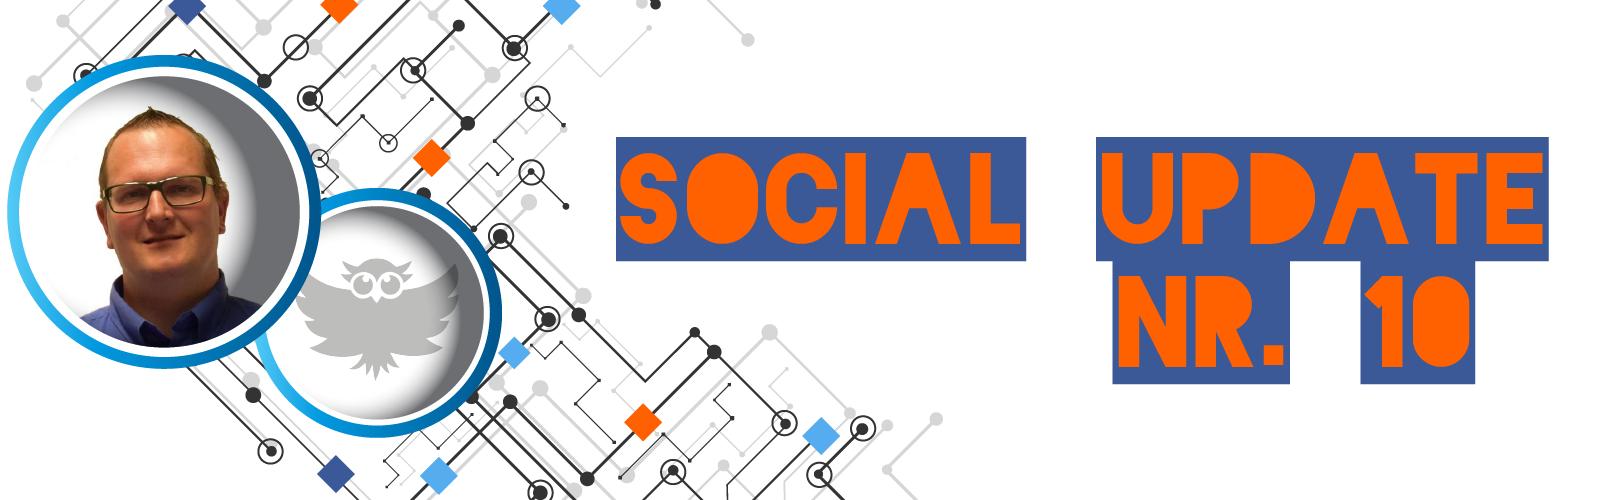 Social Update NR. 10